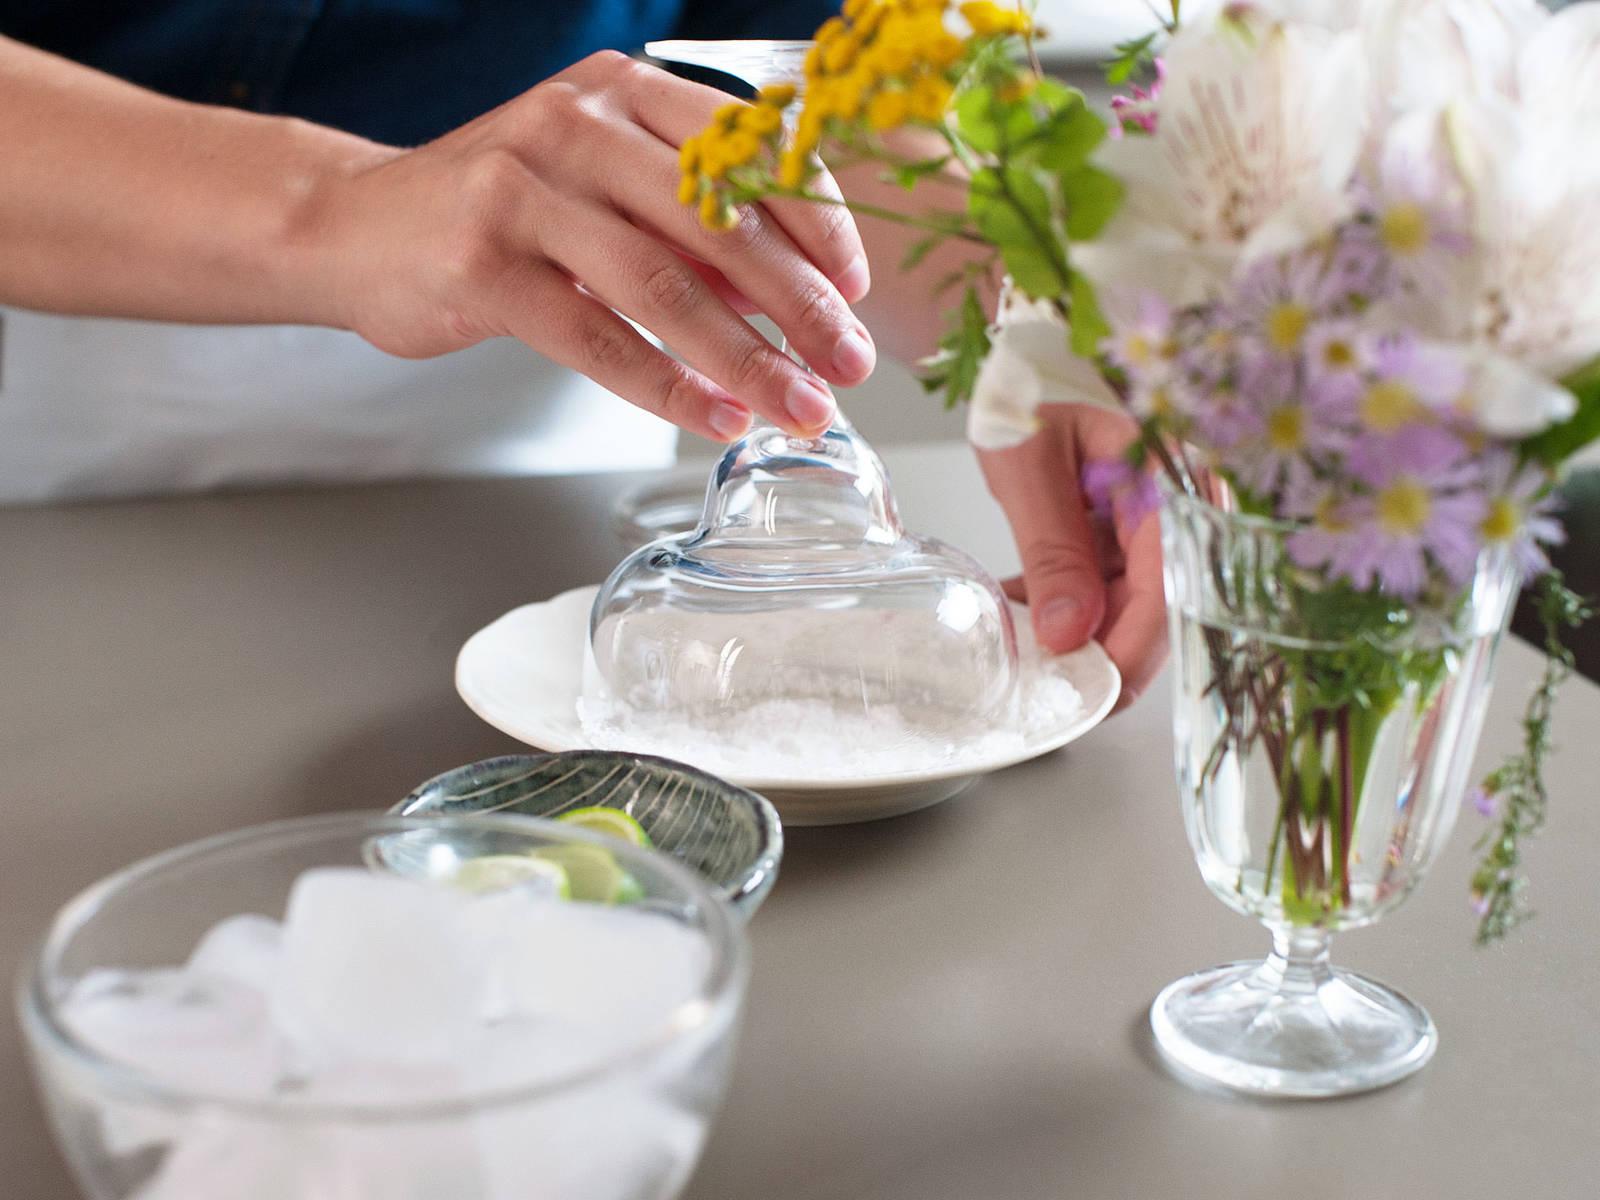 在盘子中放一些粗盐。沾湿2个玻璃杯的边缘,然后放到盘子中,裹上一圈粗盐,置于一旁。青柠切成楔形,用于装饰。